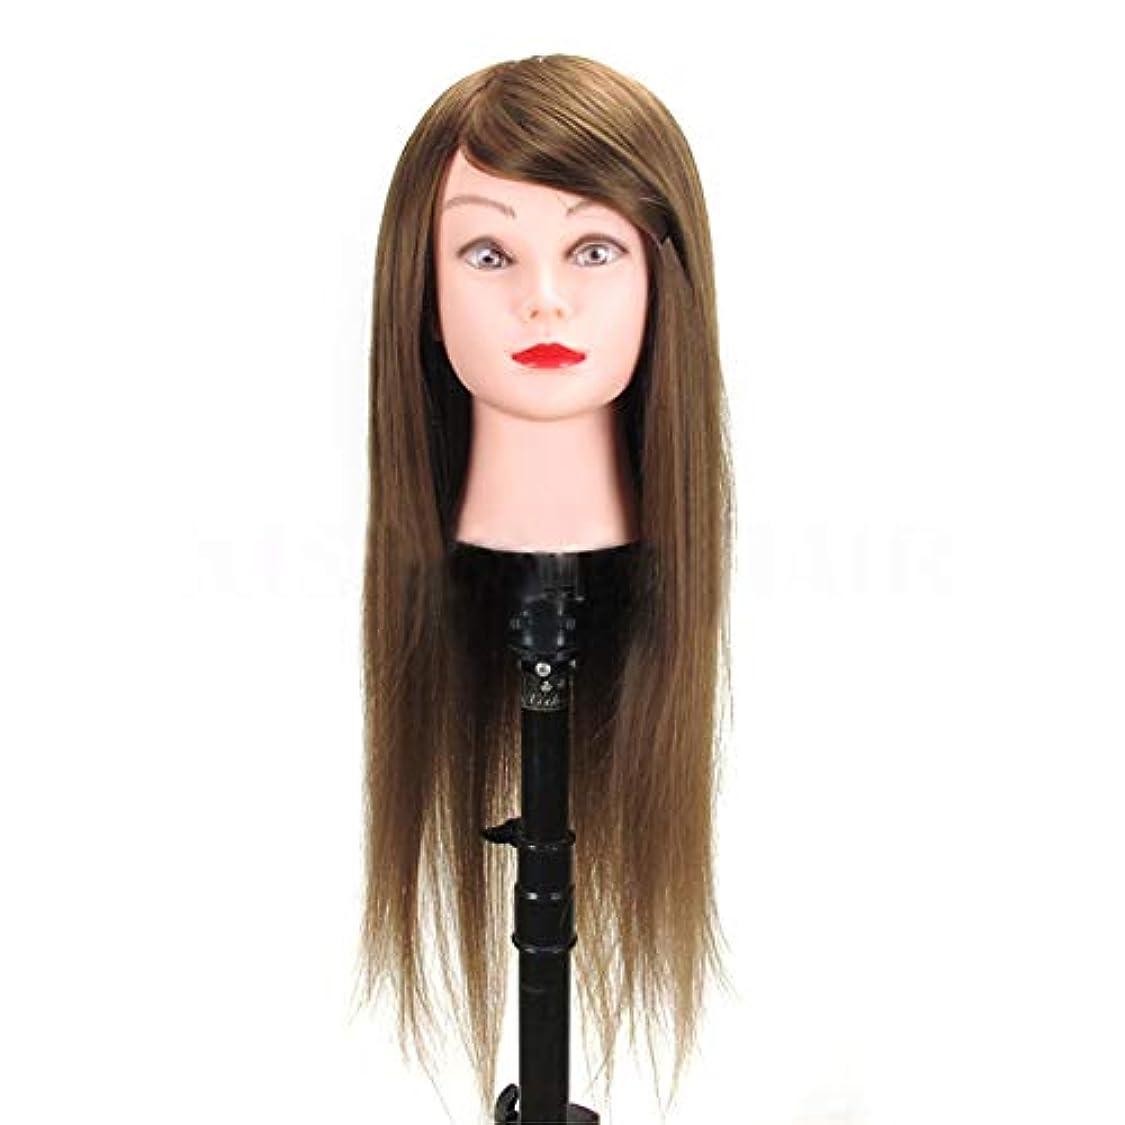 プランターマーティンルーサーキングジュニアシャツ高温シルク編組ヘアスタイリングヘッドモデル理髪店理髪ダミーヘッド化粧練習マネキンヘッド